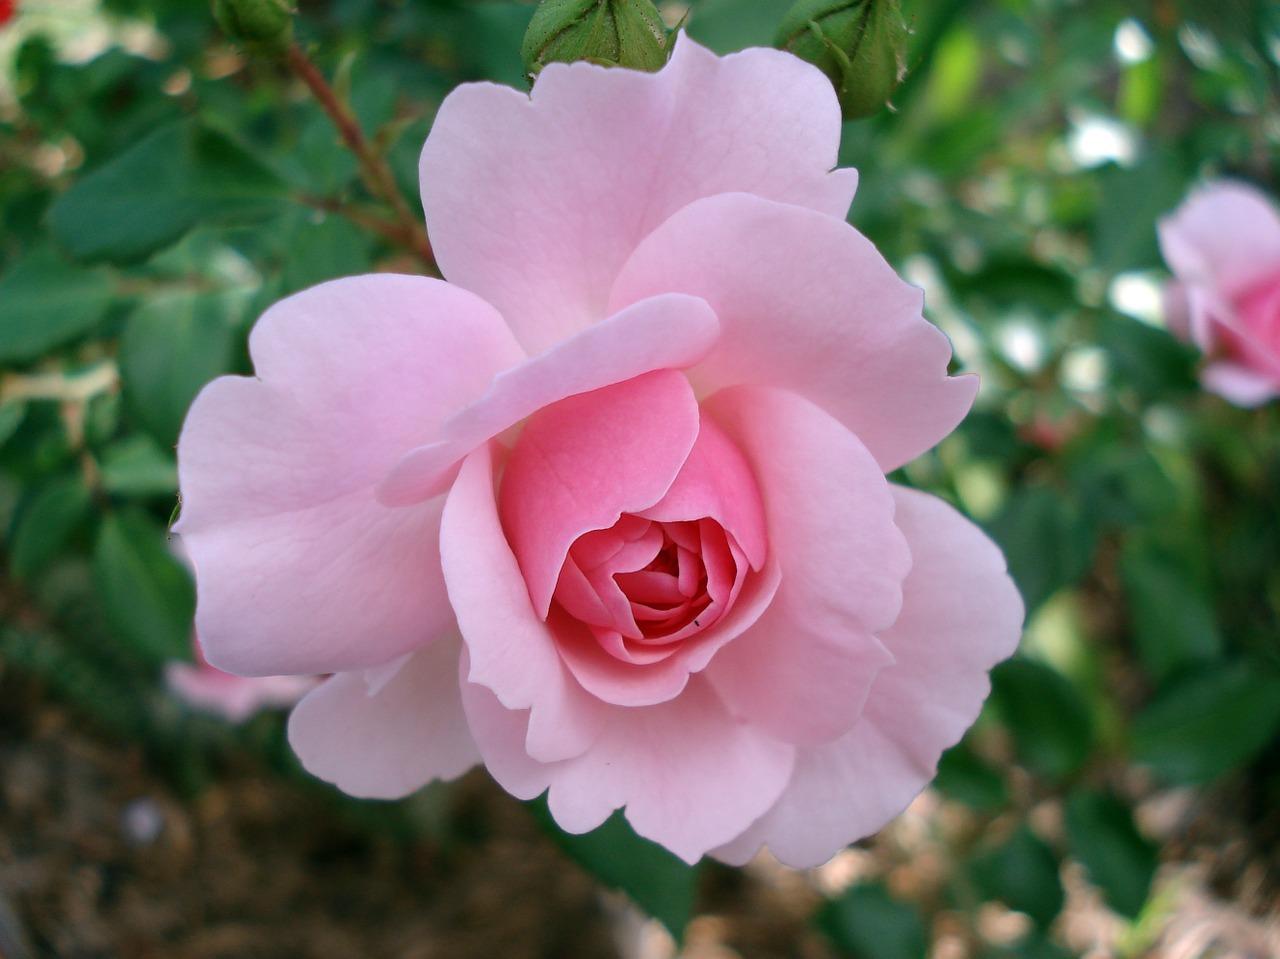 Etwas Neues genug Rosen düngen: Der beste Zeitpunkt und gute Hausmittel - Utopia.de @TC_37